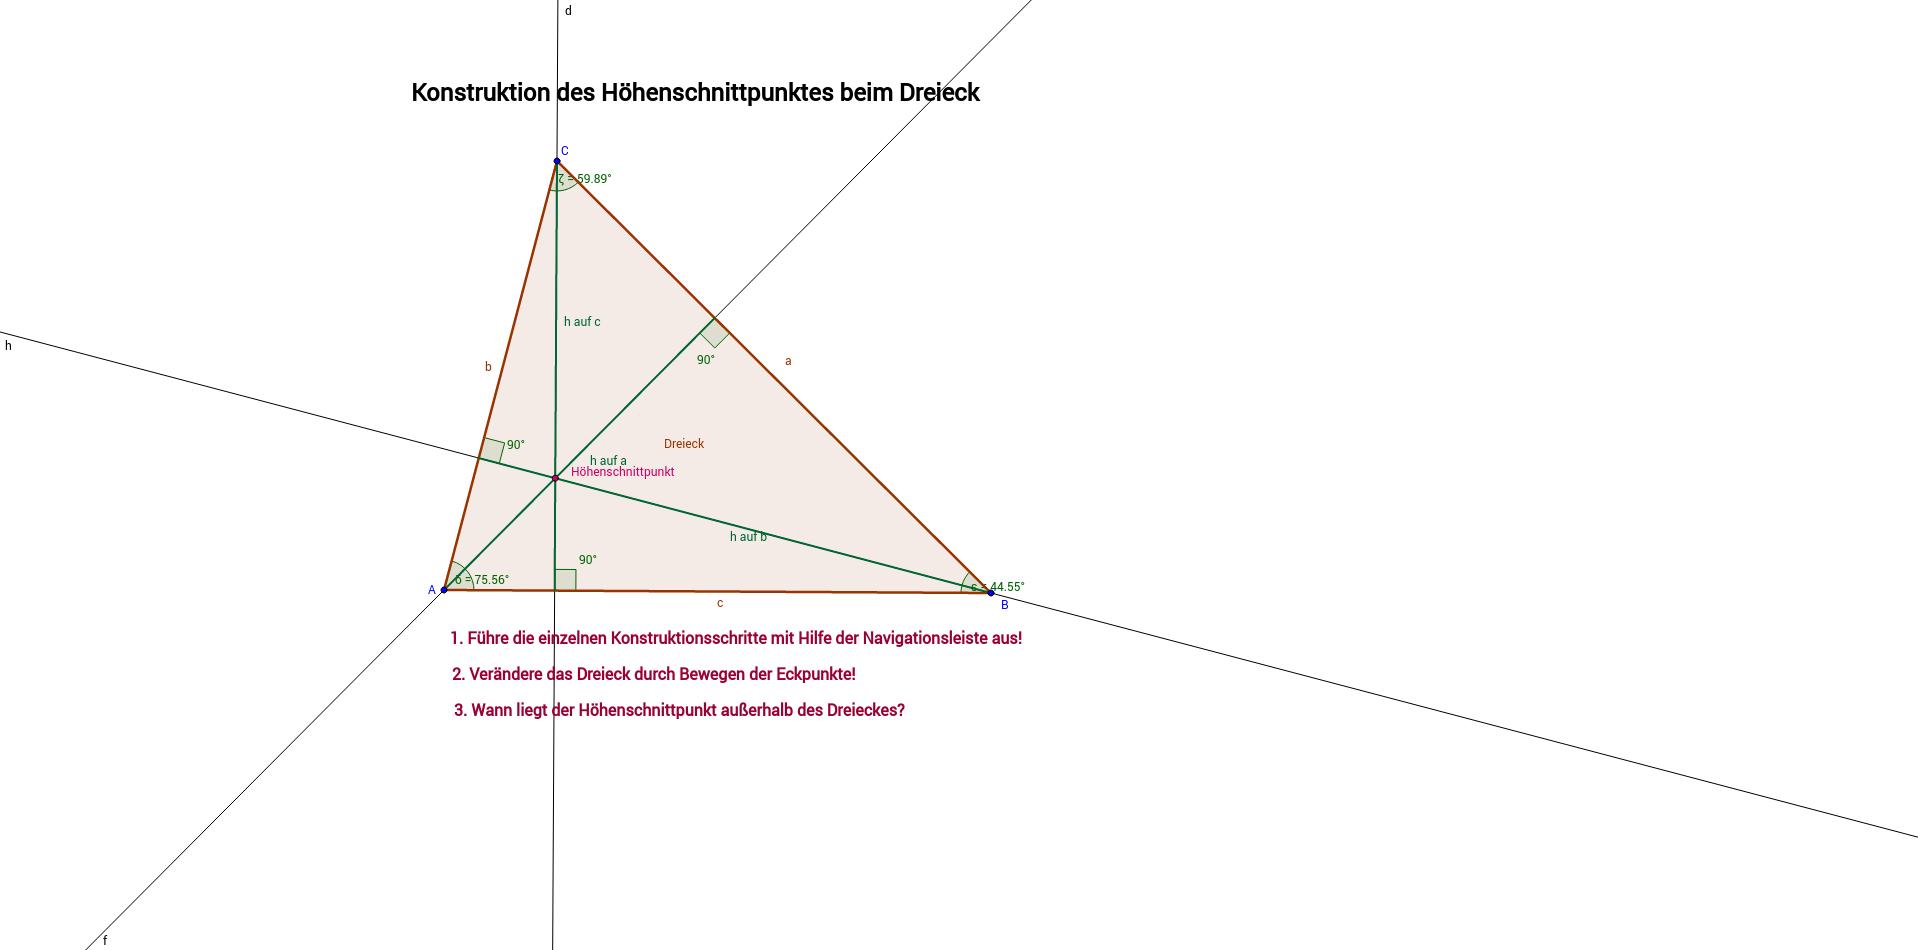 Der Höhenschnittpunkt beim Dreick